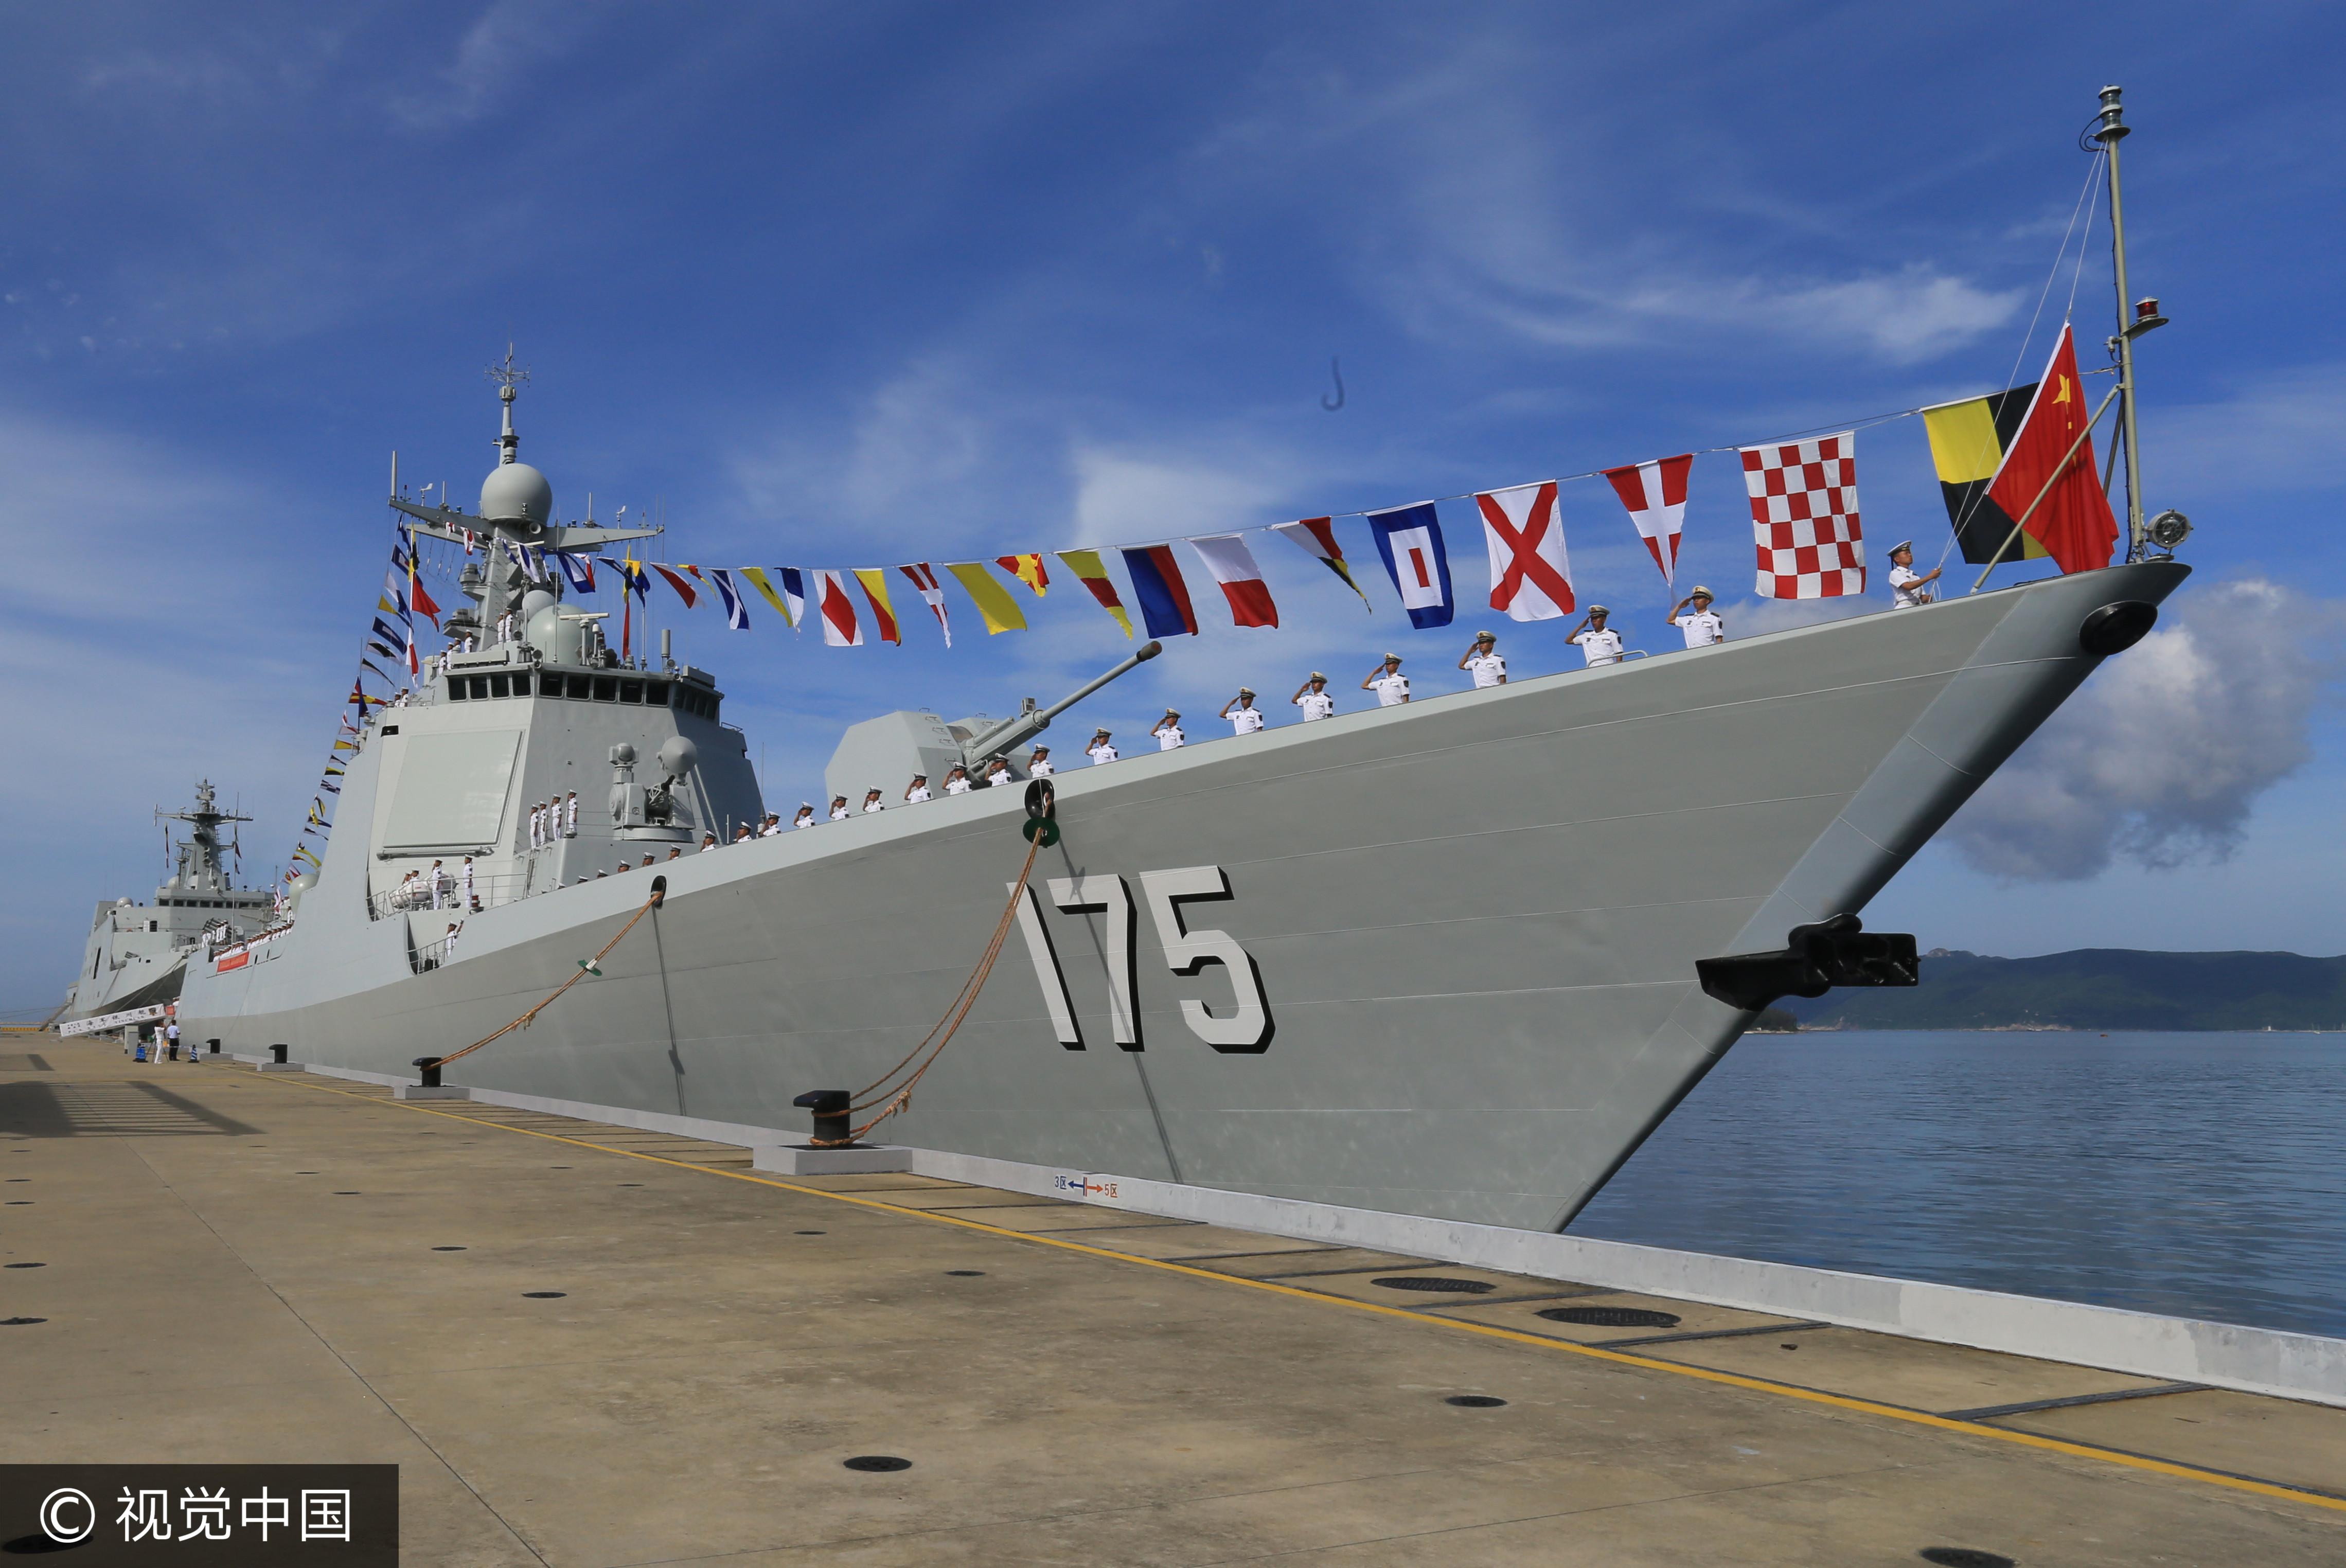 ▲ 中華 神盾 艦, 052D 型 導彈 驅逐艦. (圖 / 视覺 中國)